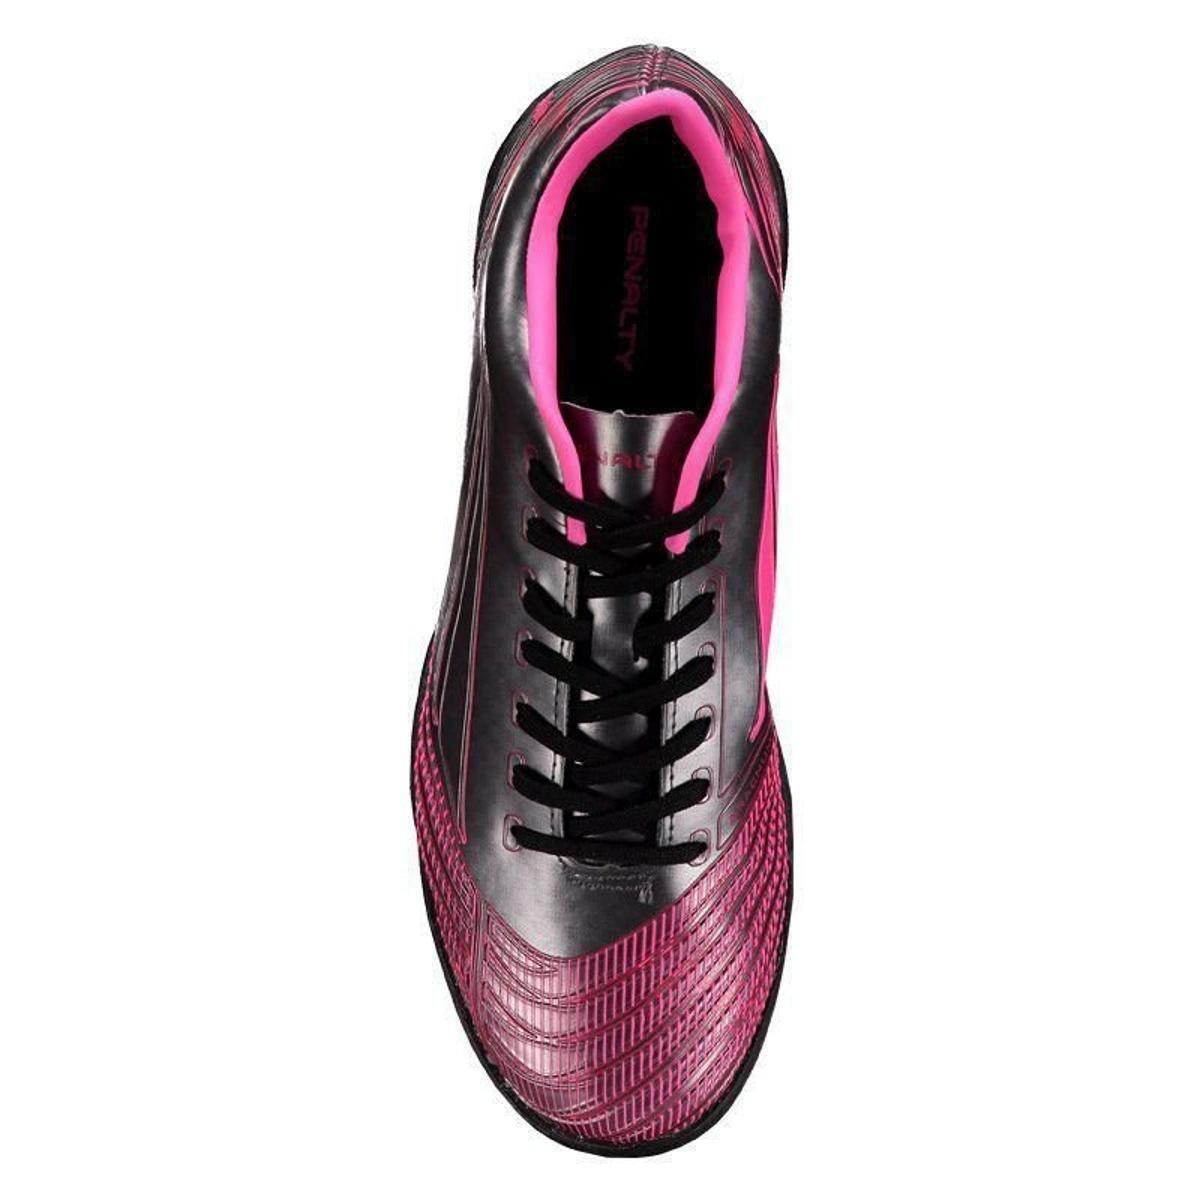 Chuteira Penalty S11 R2 Society Masculina - Rosa - Compre Agora ... 7cd869d0e5977